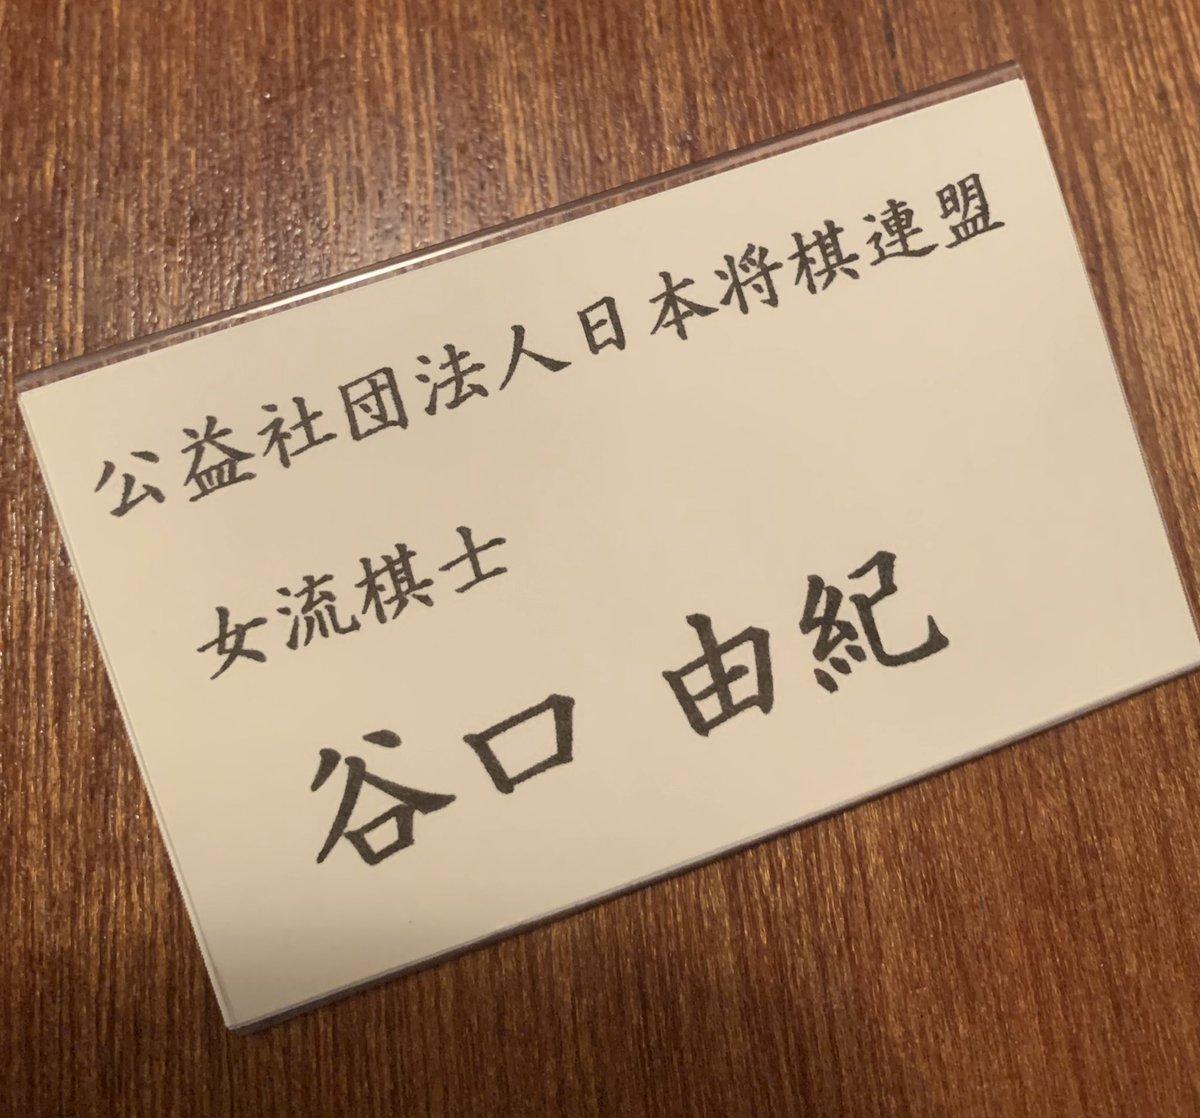 谷口由紀さんの投稿画像